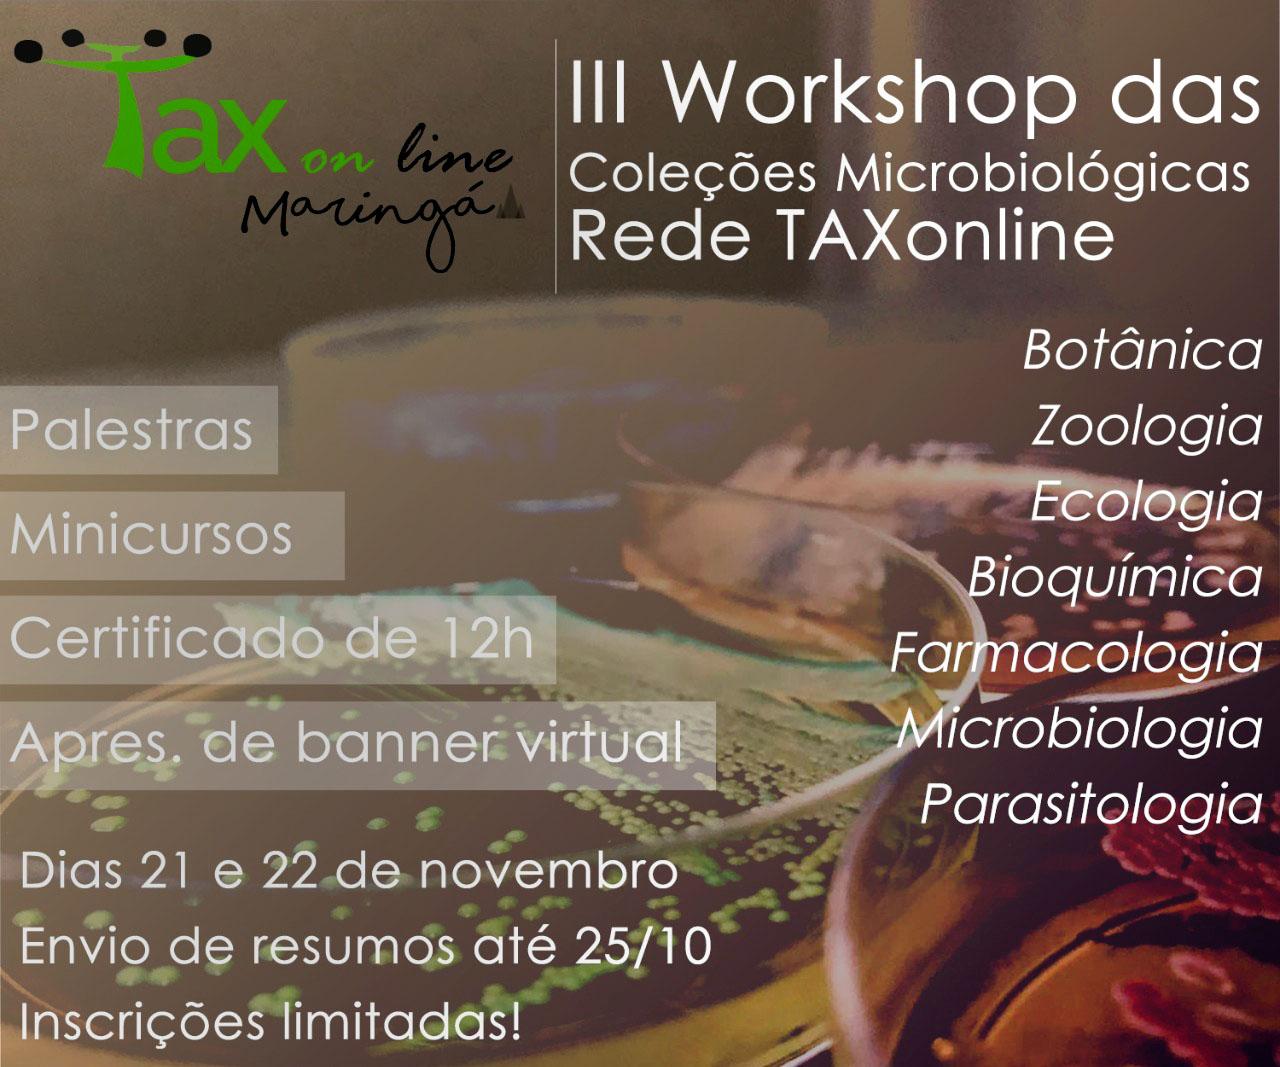 Workshop discutirá as coleções de microrganismos e manipulação de patrimônio genético nacional